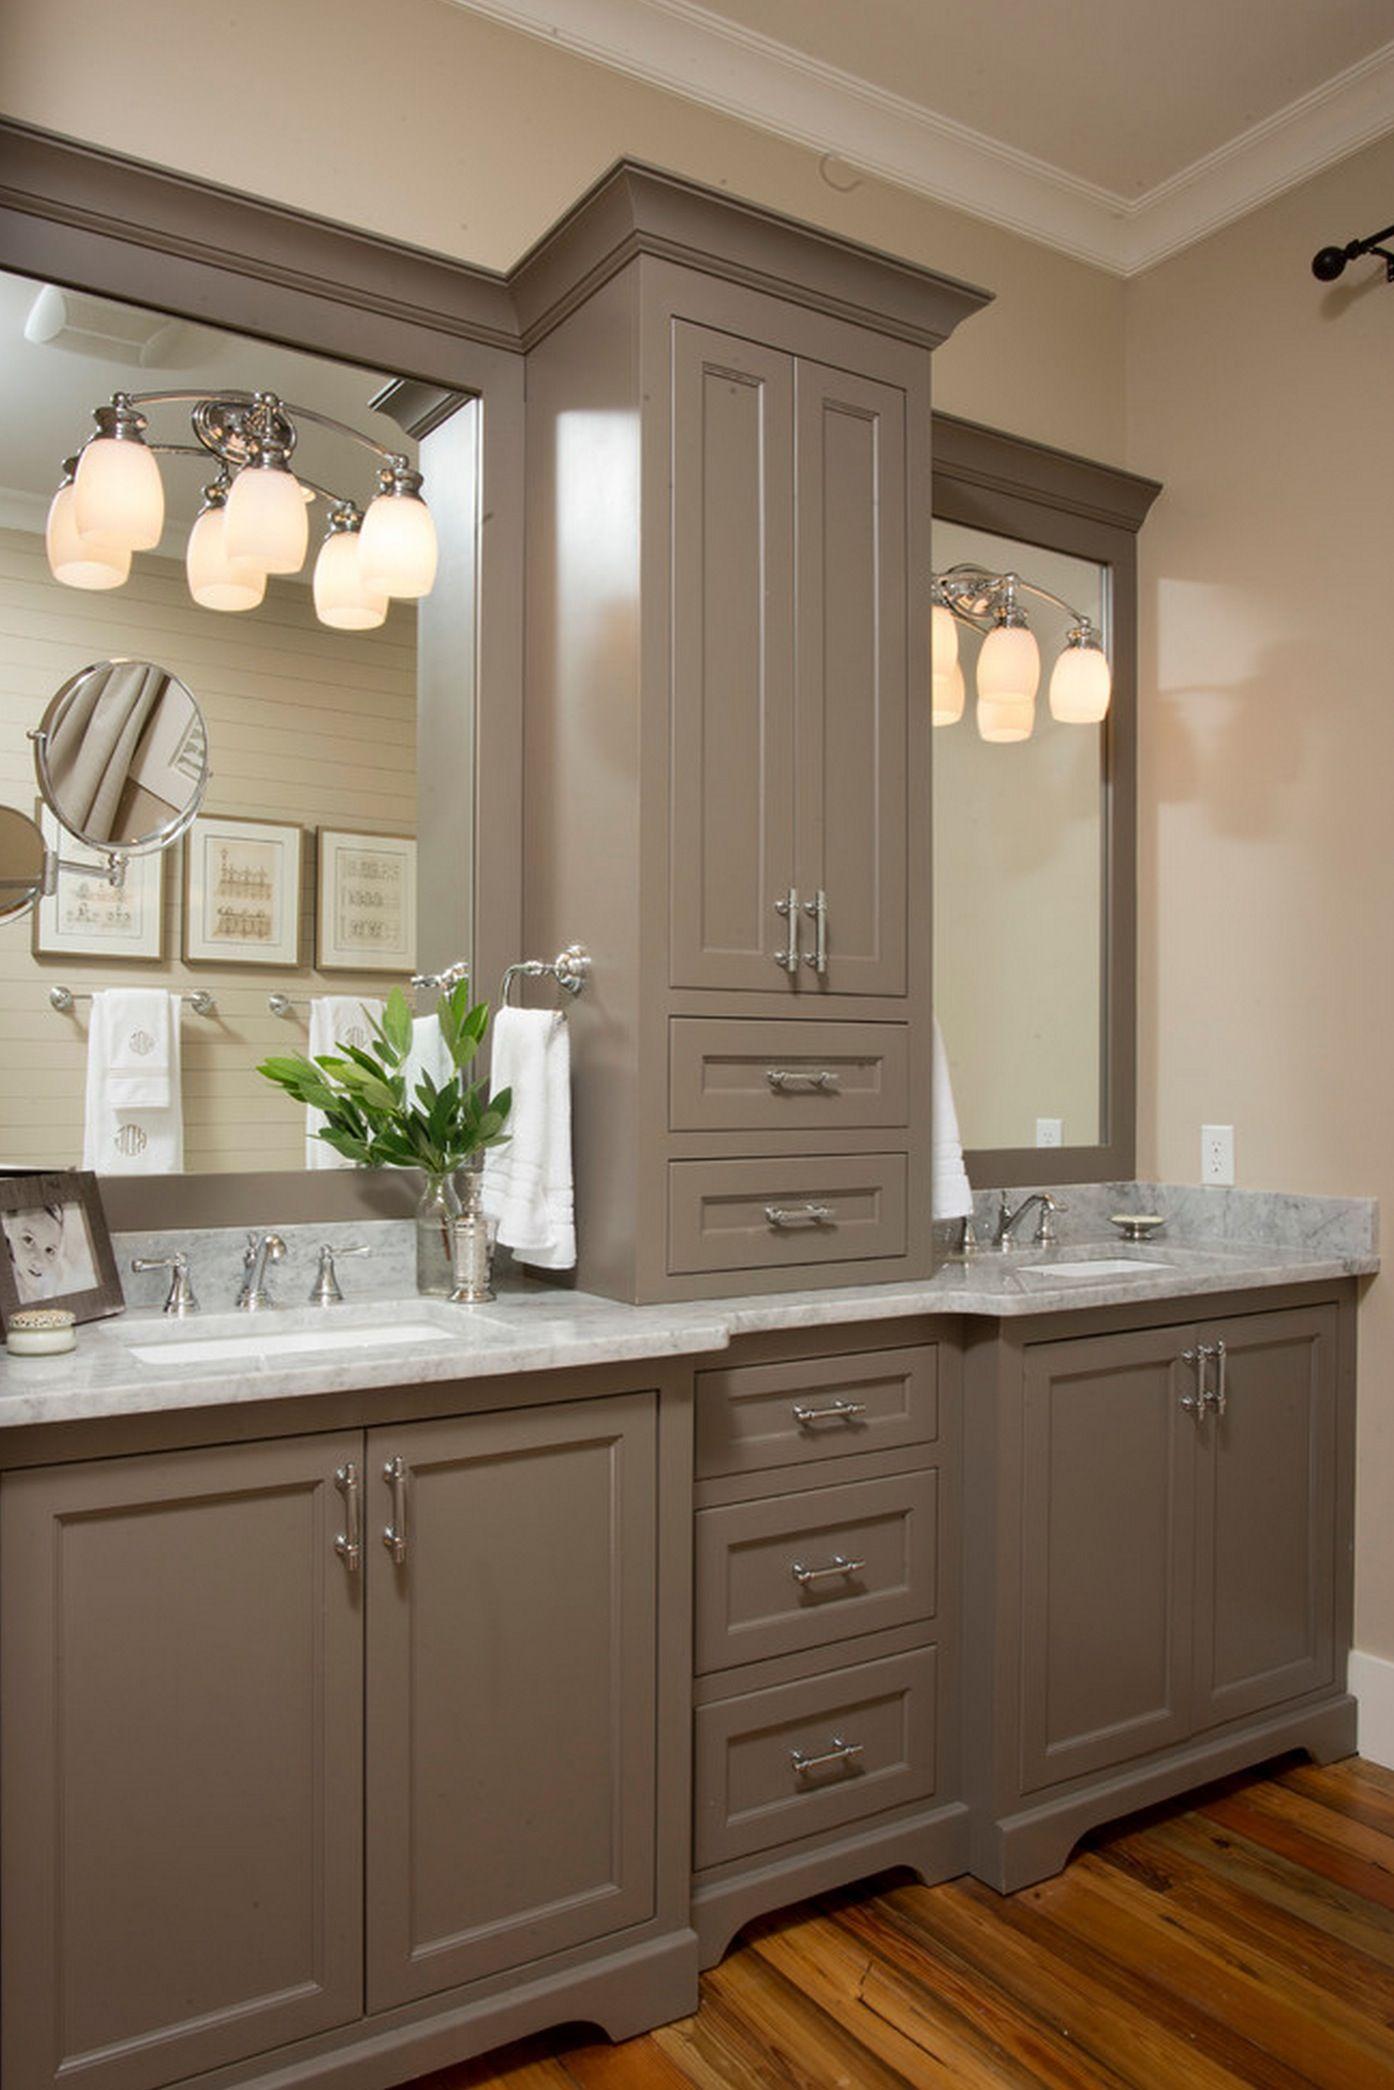 Bathroom Design August 2014 18 - For the Home | Pinterest - Badkamer ...